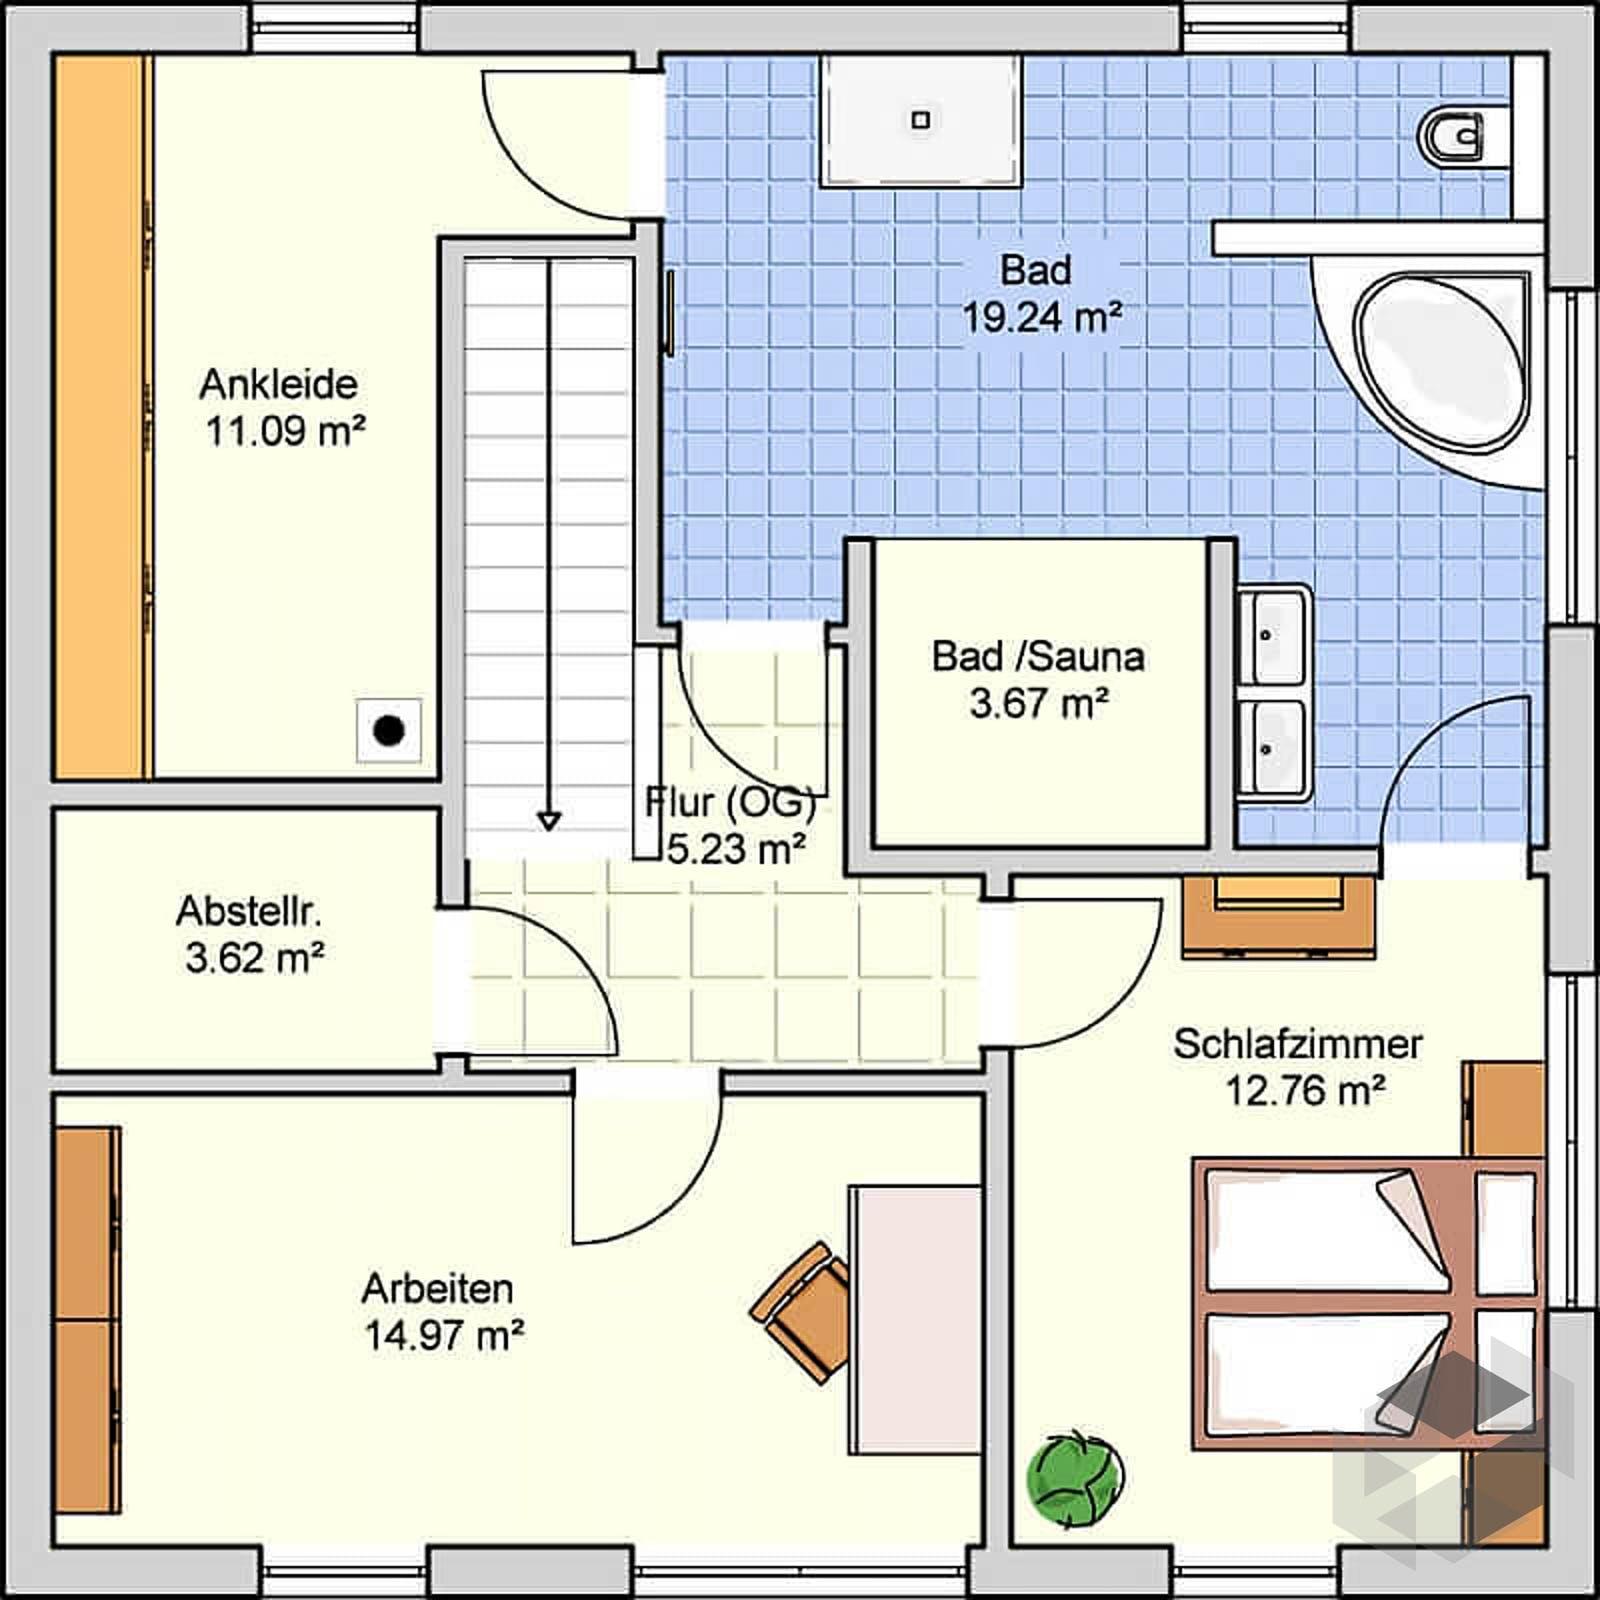 medio von fingerhut haus komplette daten bersicht. Black Bedroom Furniture Sets. Home Design Ideas